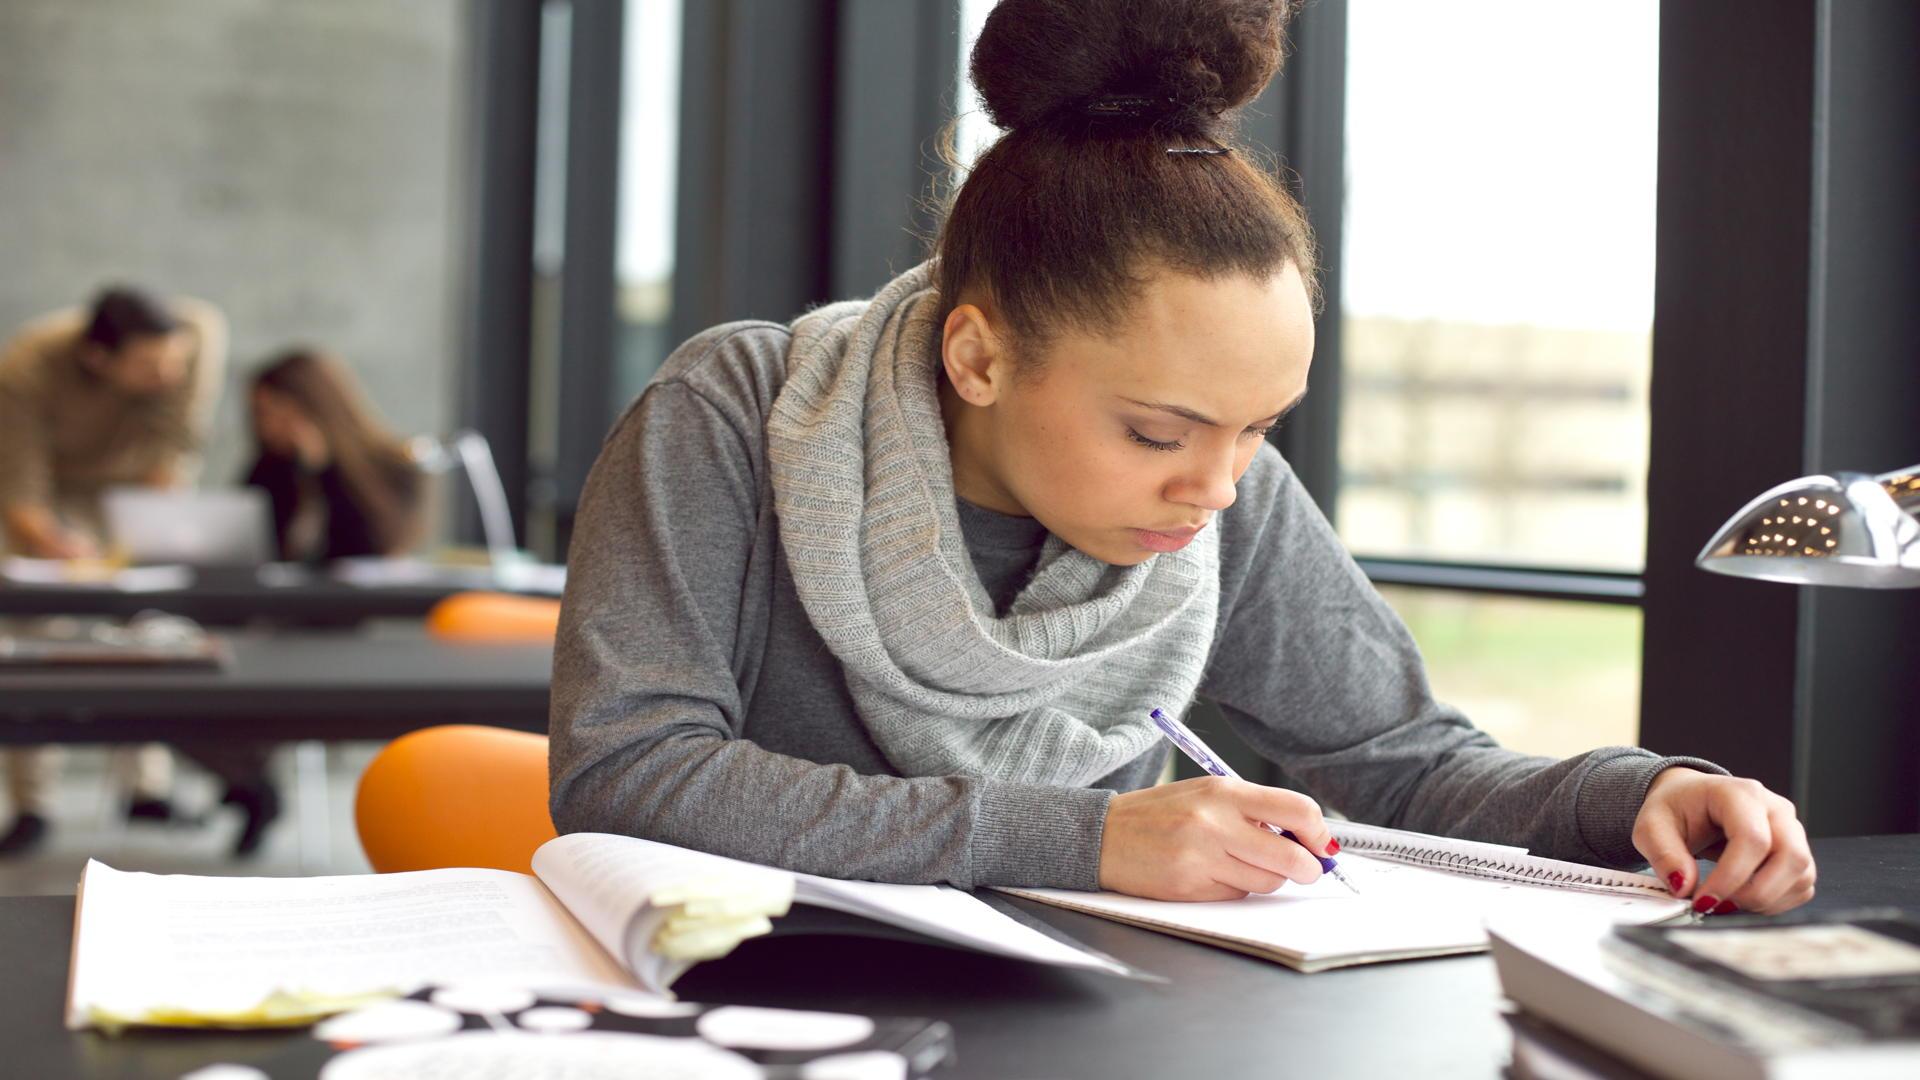 לא רק כתיבה סמינריונית – ממה מורכב ציון סמינר?